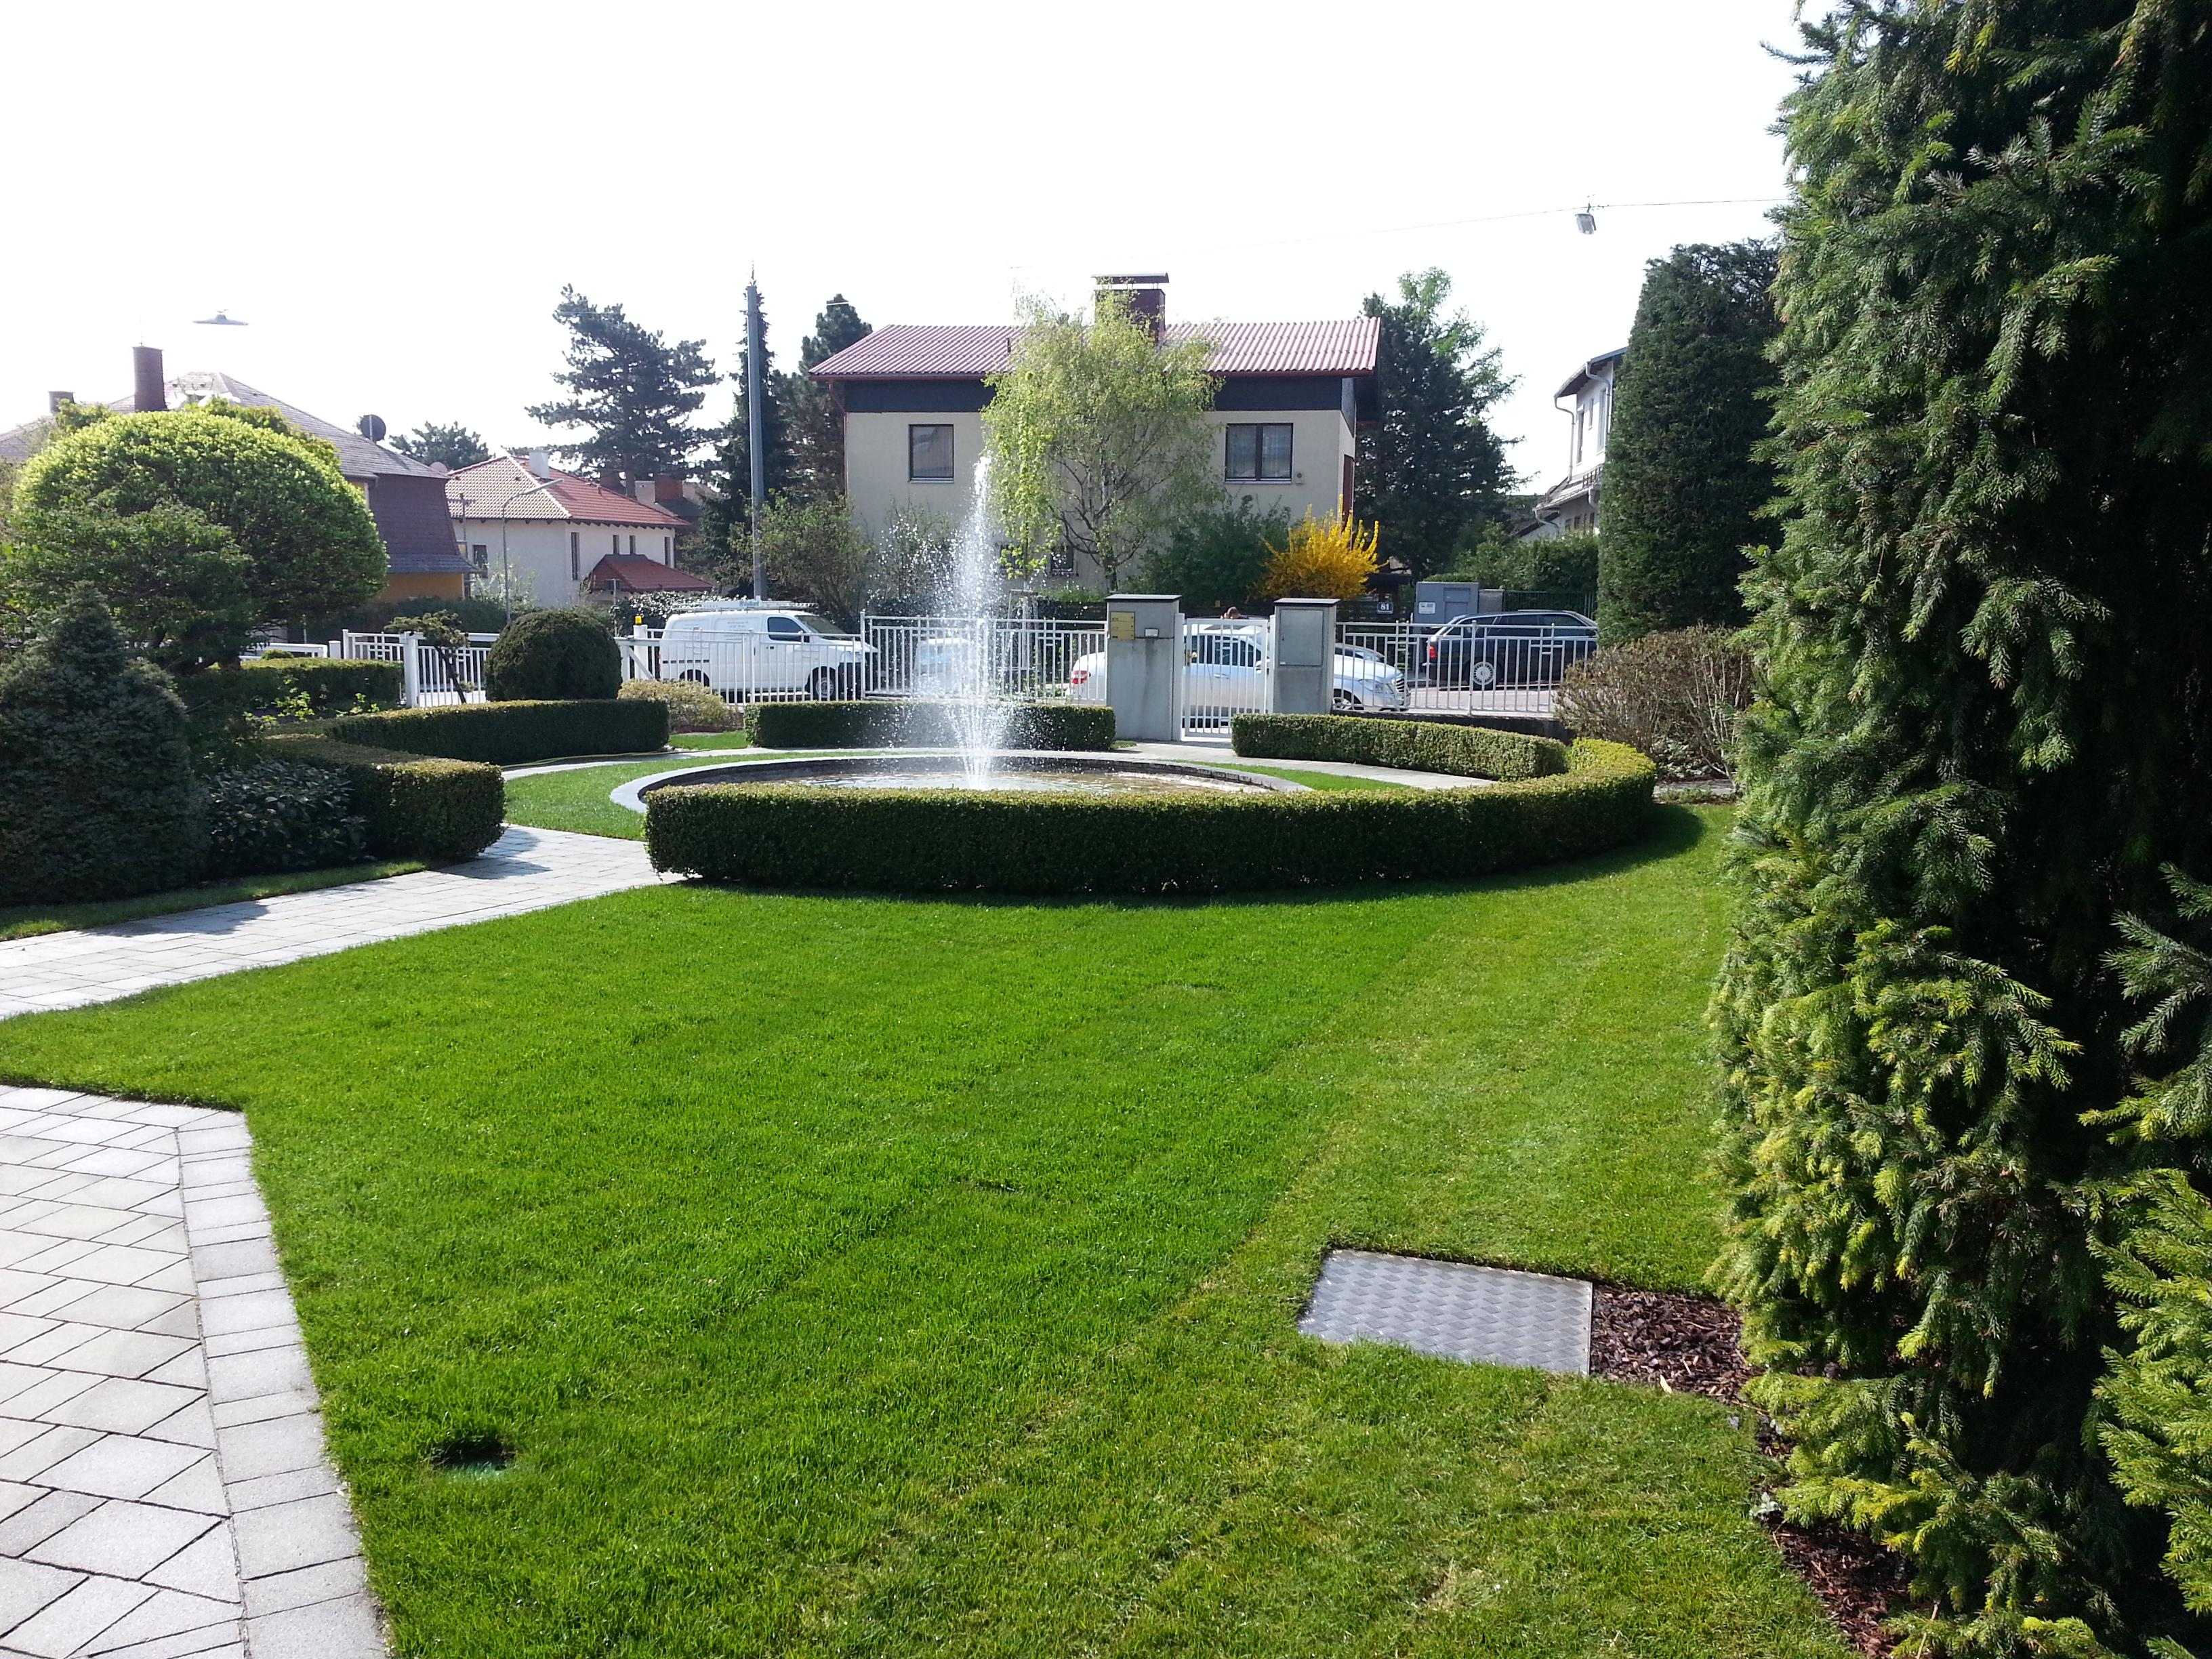 Ing gerold reischl gartengestaltung gmbh bauunternehmen for Gartengestaltung wien